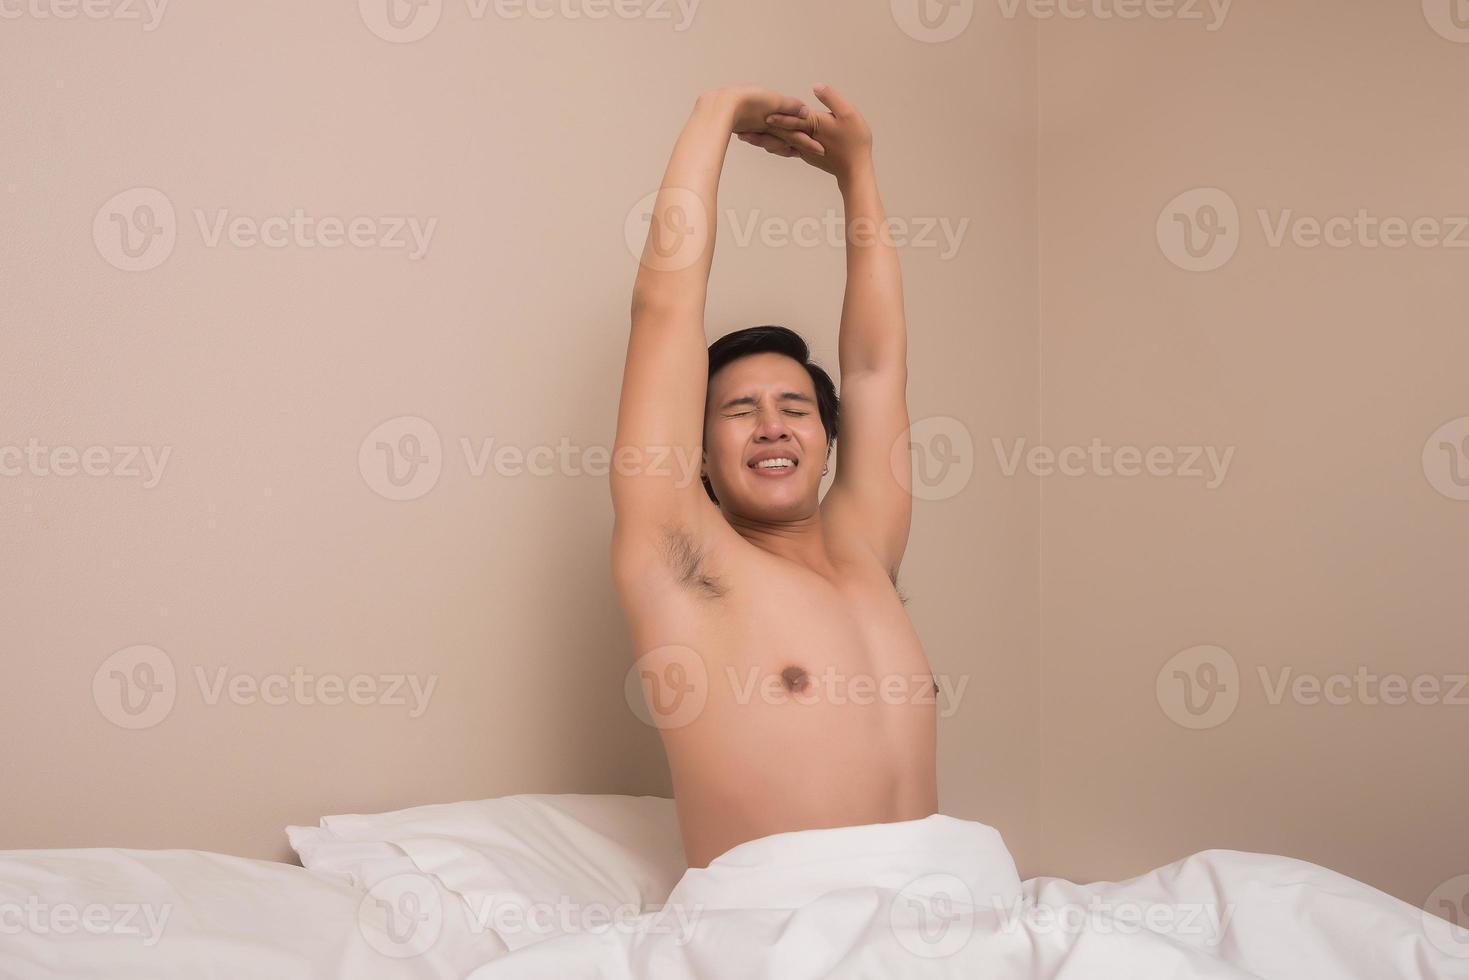 Guapo sonriendo mientras se estira en su cama en casa foto